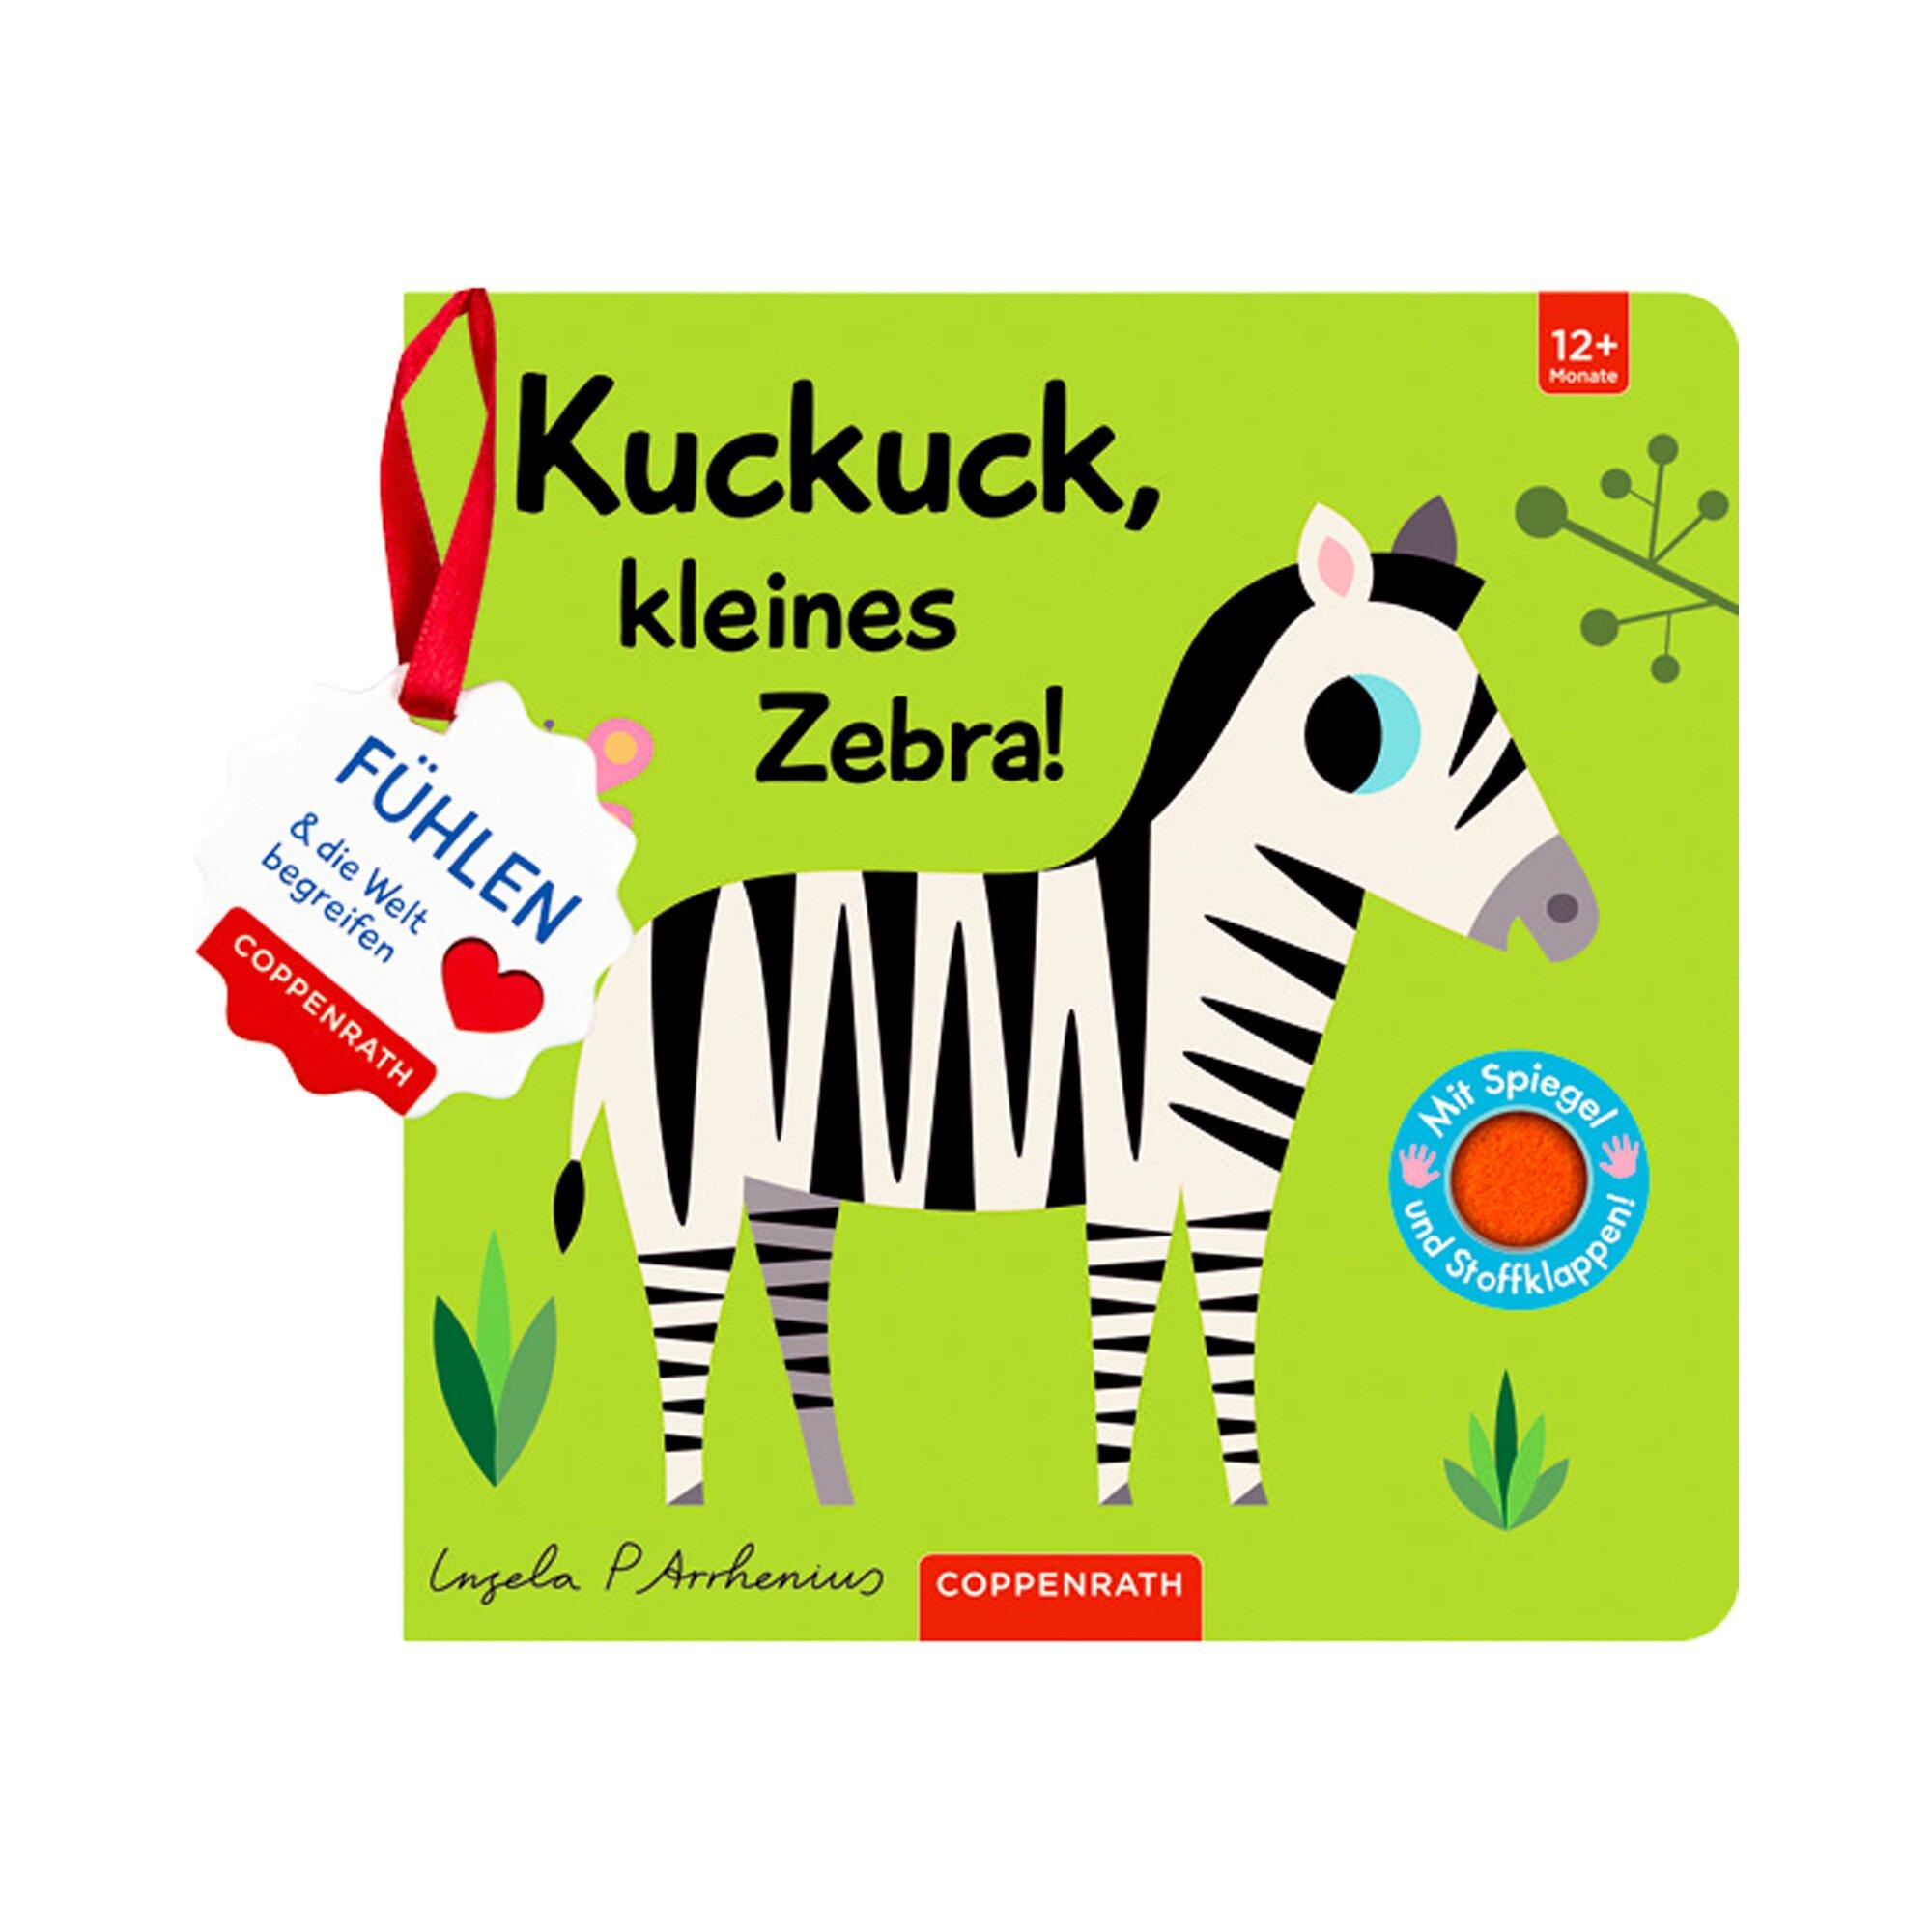 coppenrath-die-spiegelburg-fuhlbuch-kuckuck-kleines-zebra-